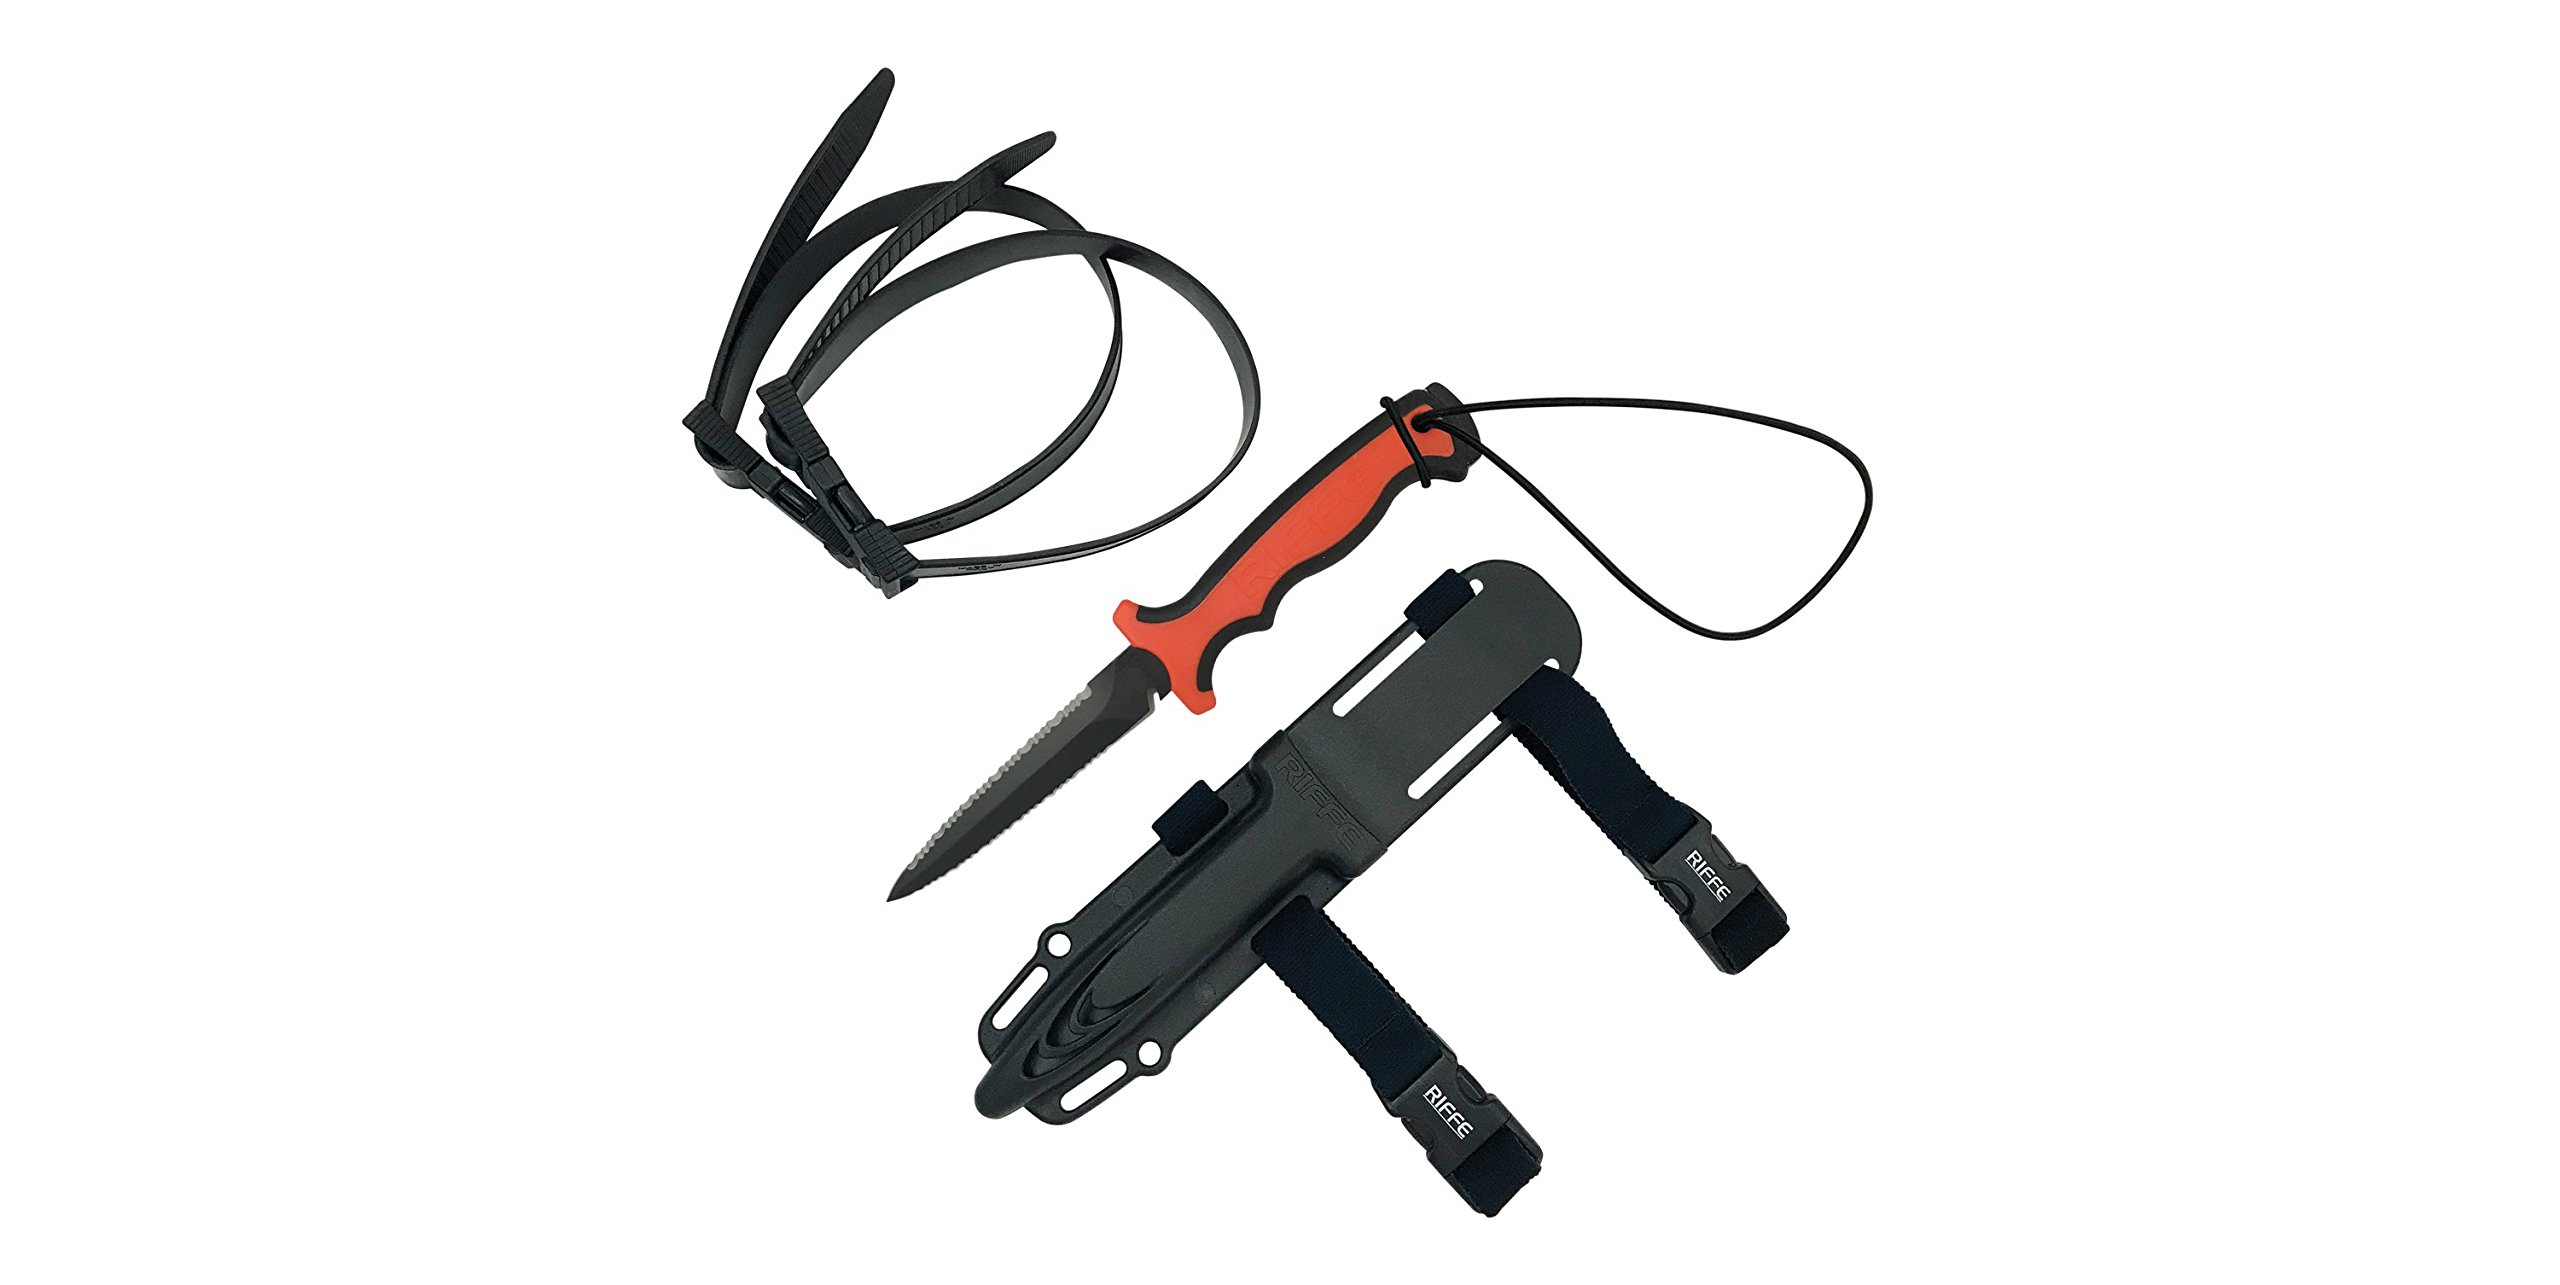 Riffe Wrangler (Dual Serration) Saftey Orange/Black Dive Knife